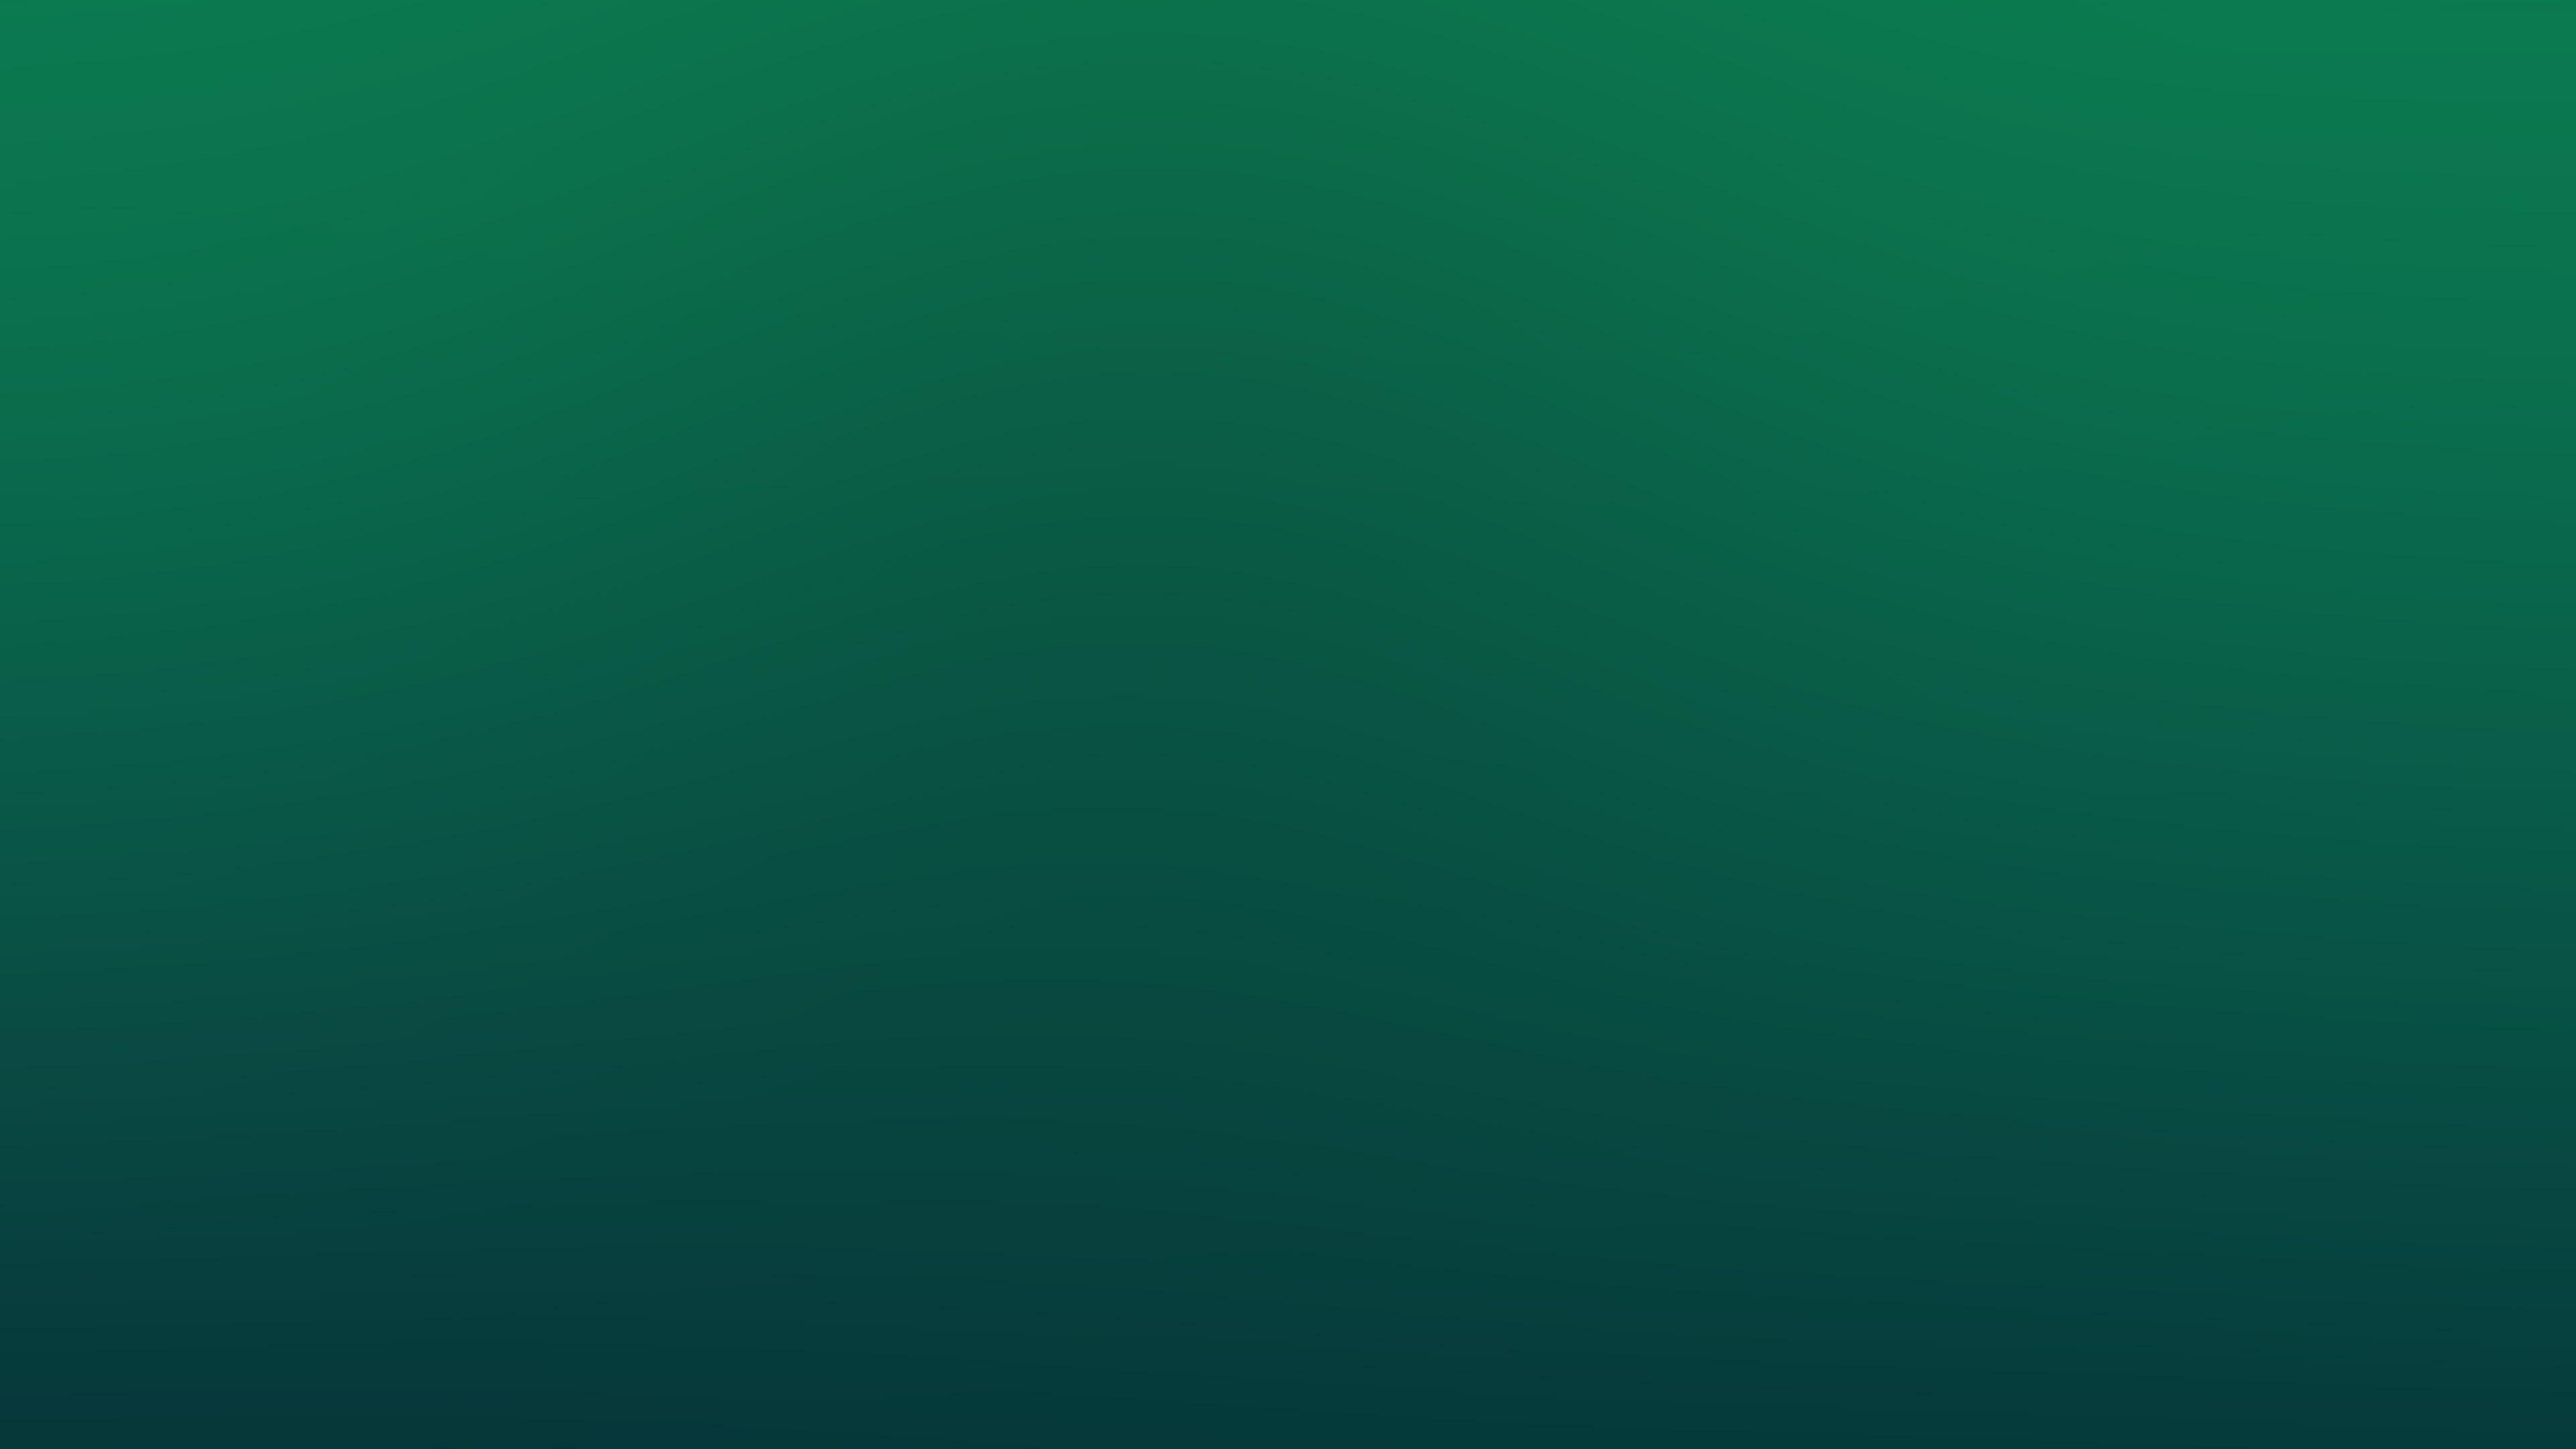 wallpaper for desktop, laptop | sh81-green-blue-deep-ocean ...